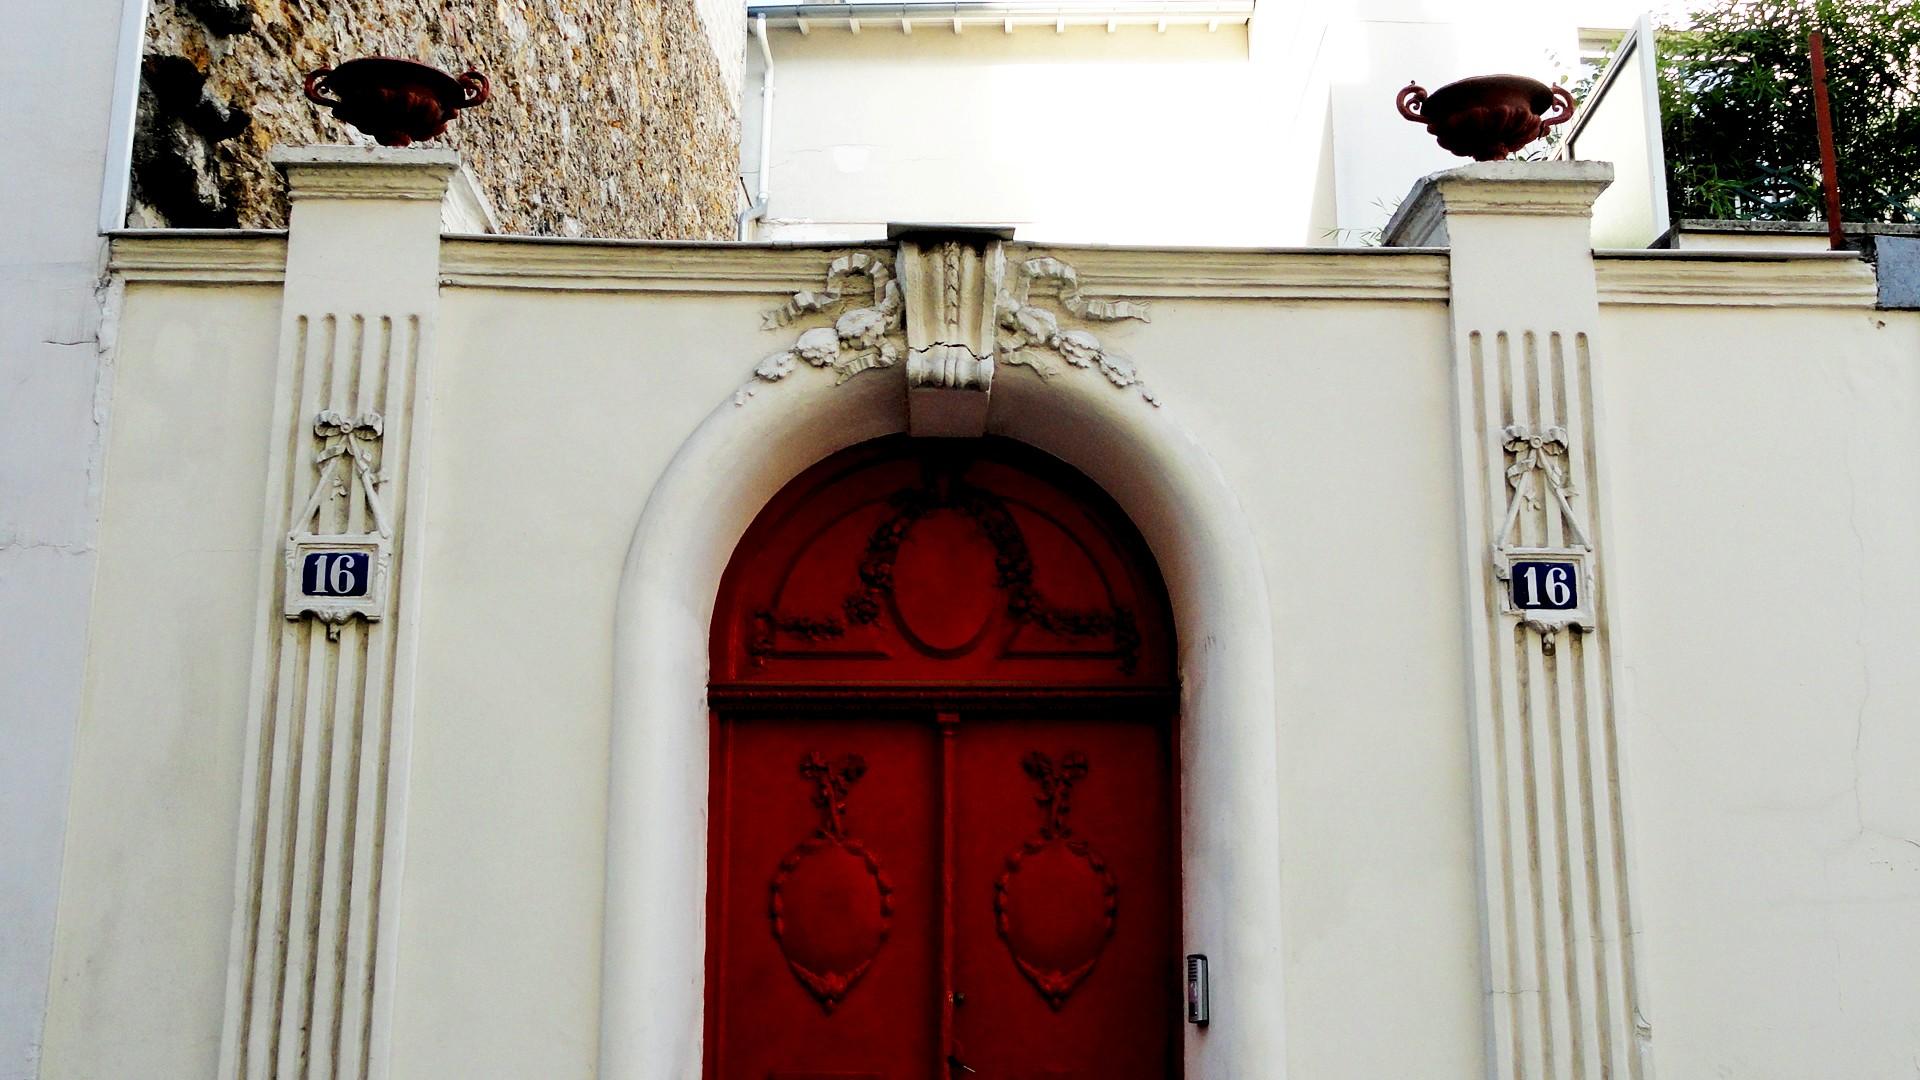 Balade dans le quartier de Ménilmontant - Rue du Retrait